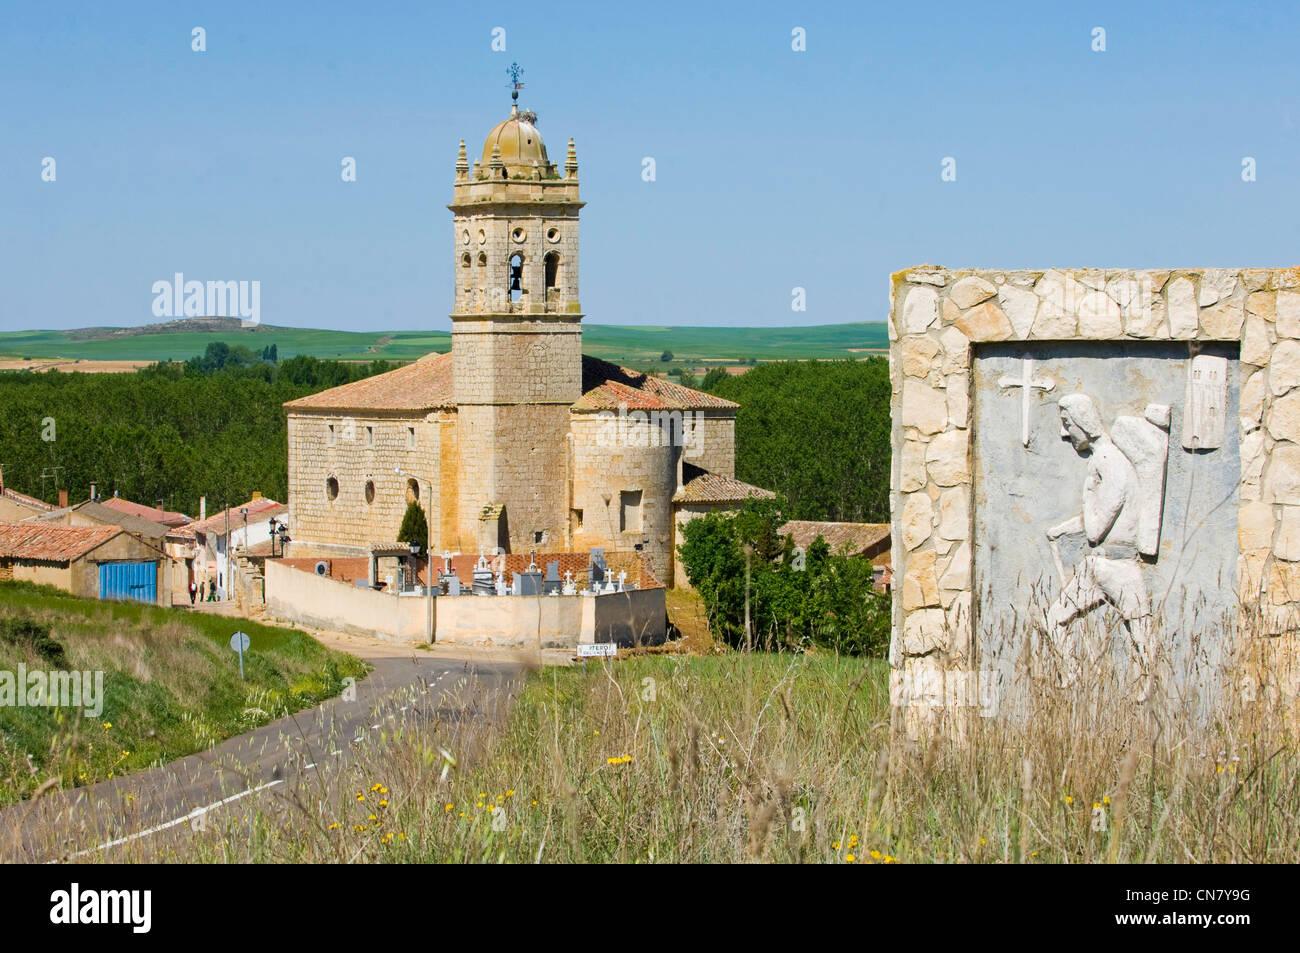 Spain, Castile and Leon, Itero del Castillo, entrance of the village - Stock Image